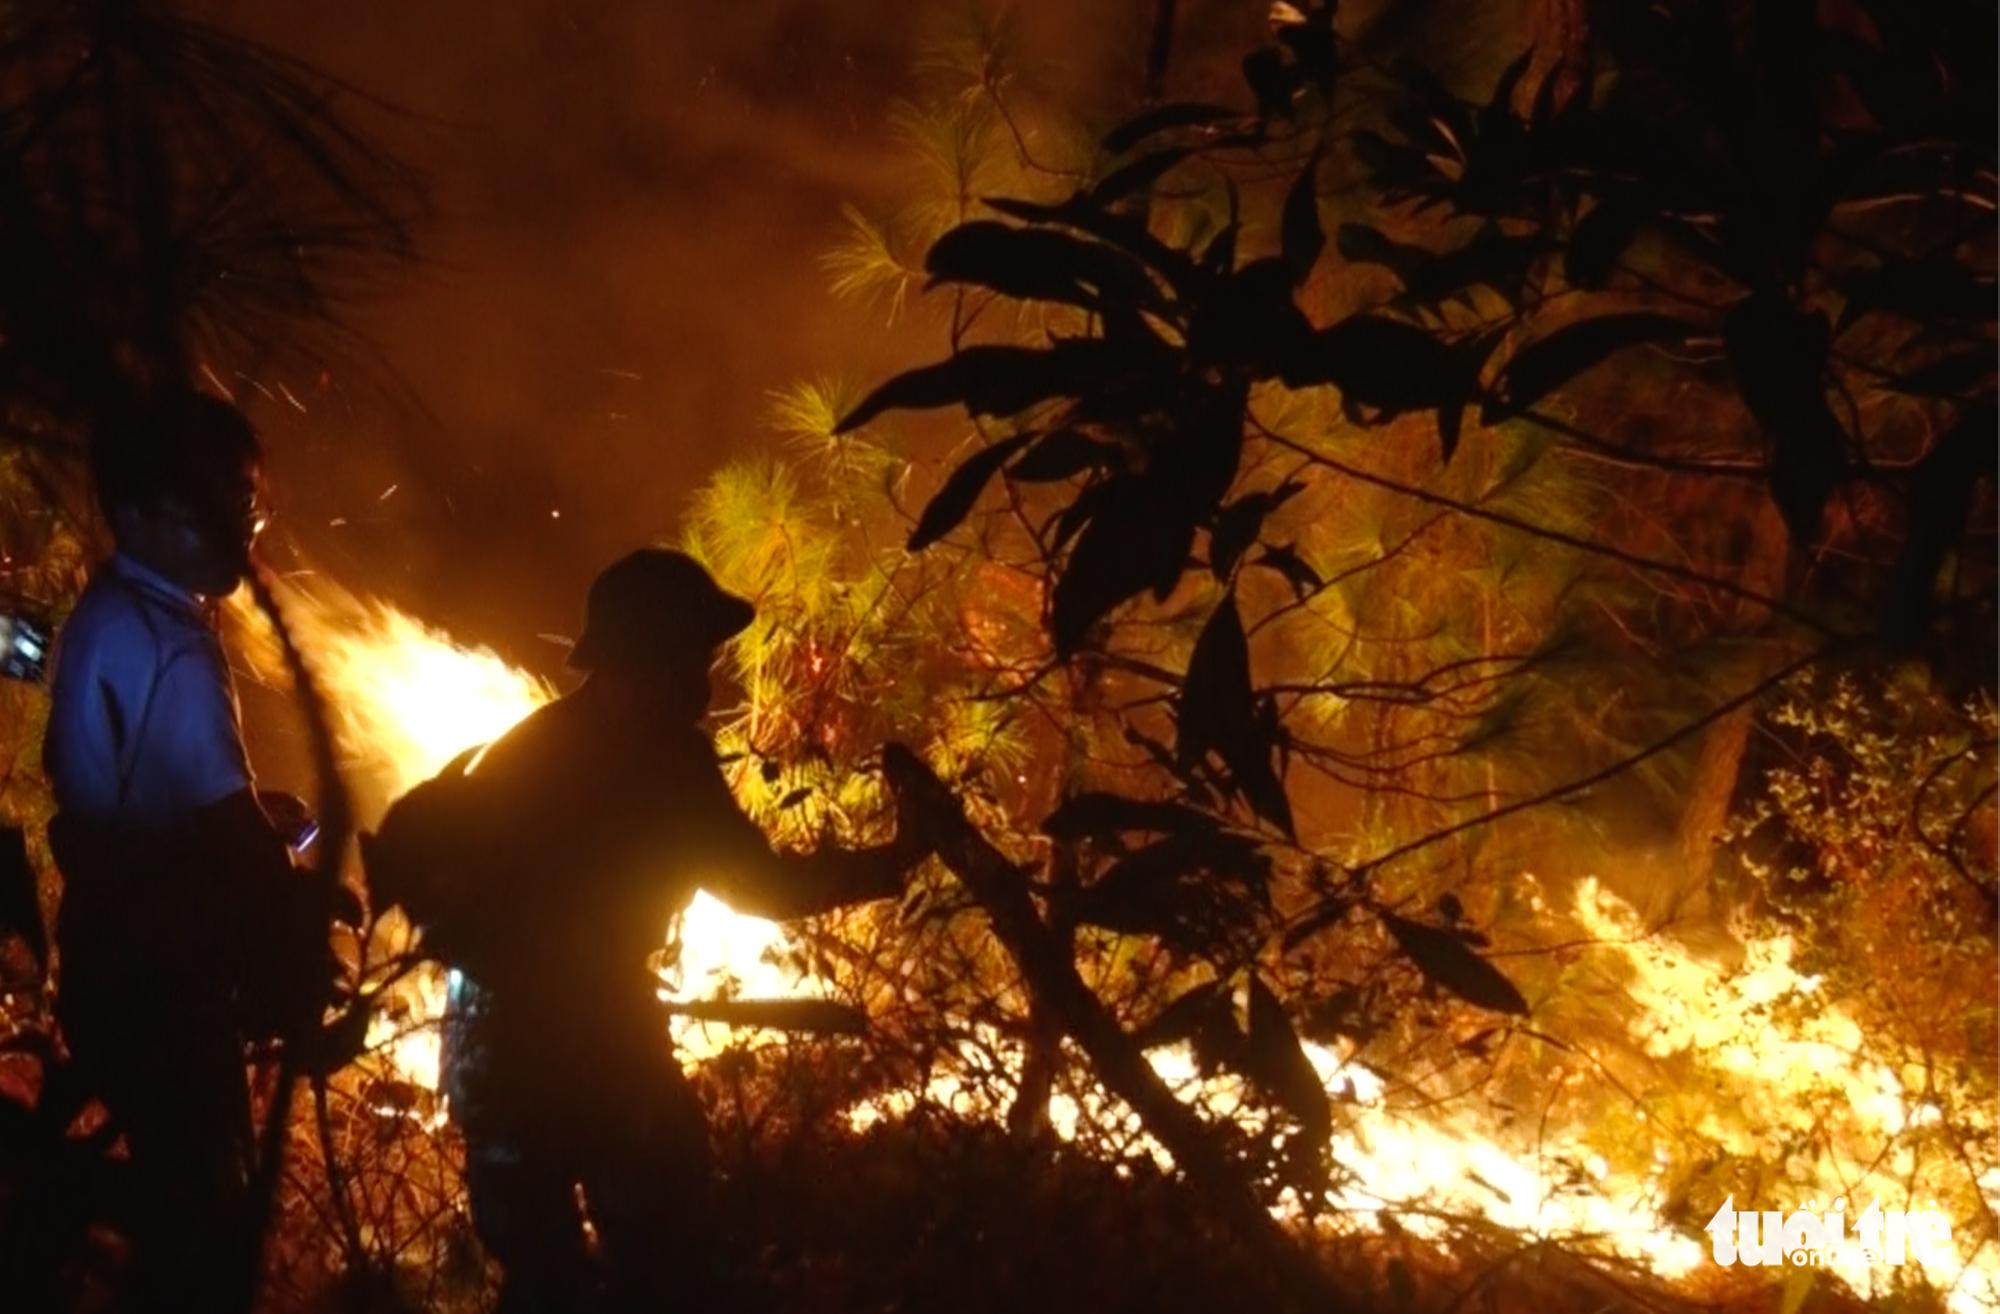 Cận cảnh xuyên đêm chiến đấu 'giặc lửa' cứu rừng - Ảnh 8.